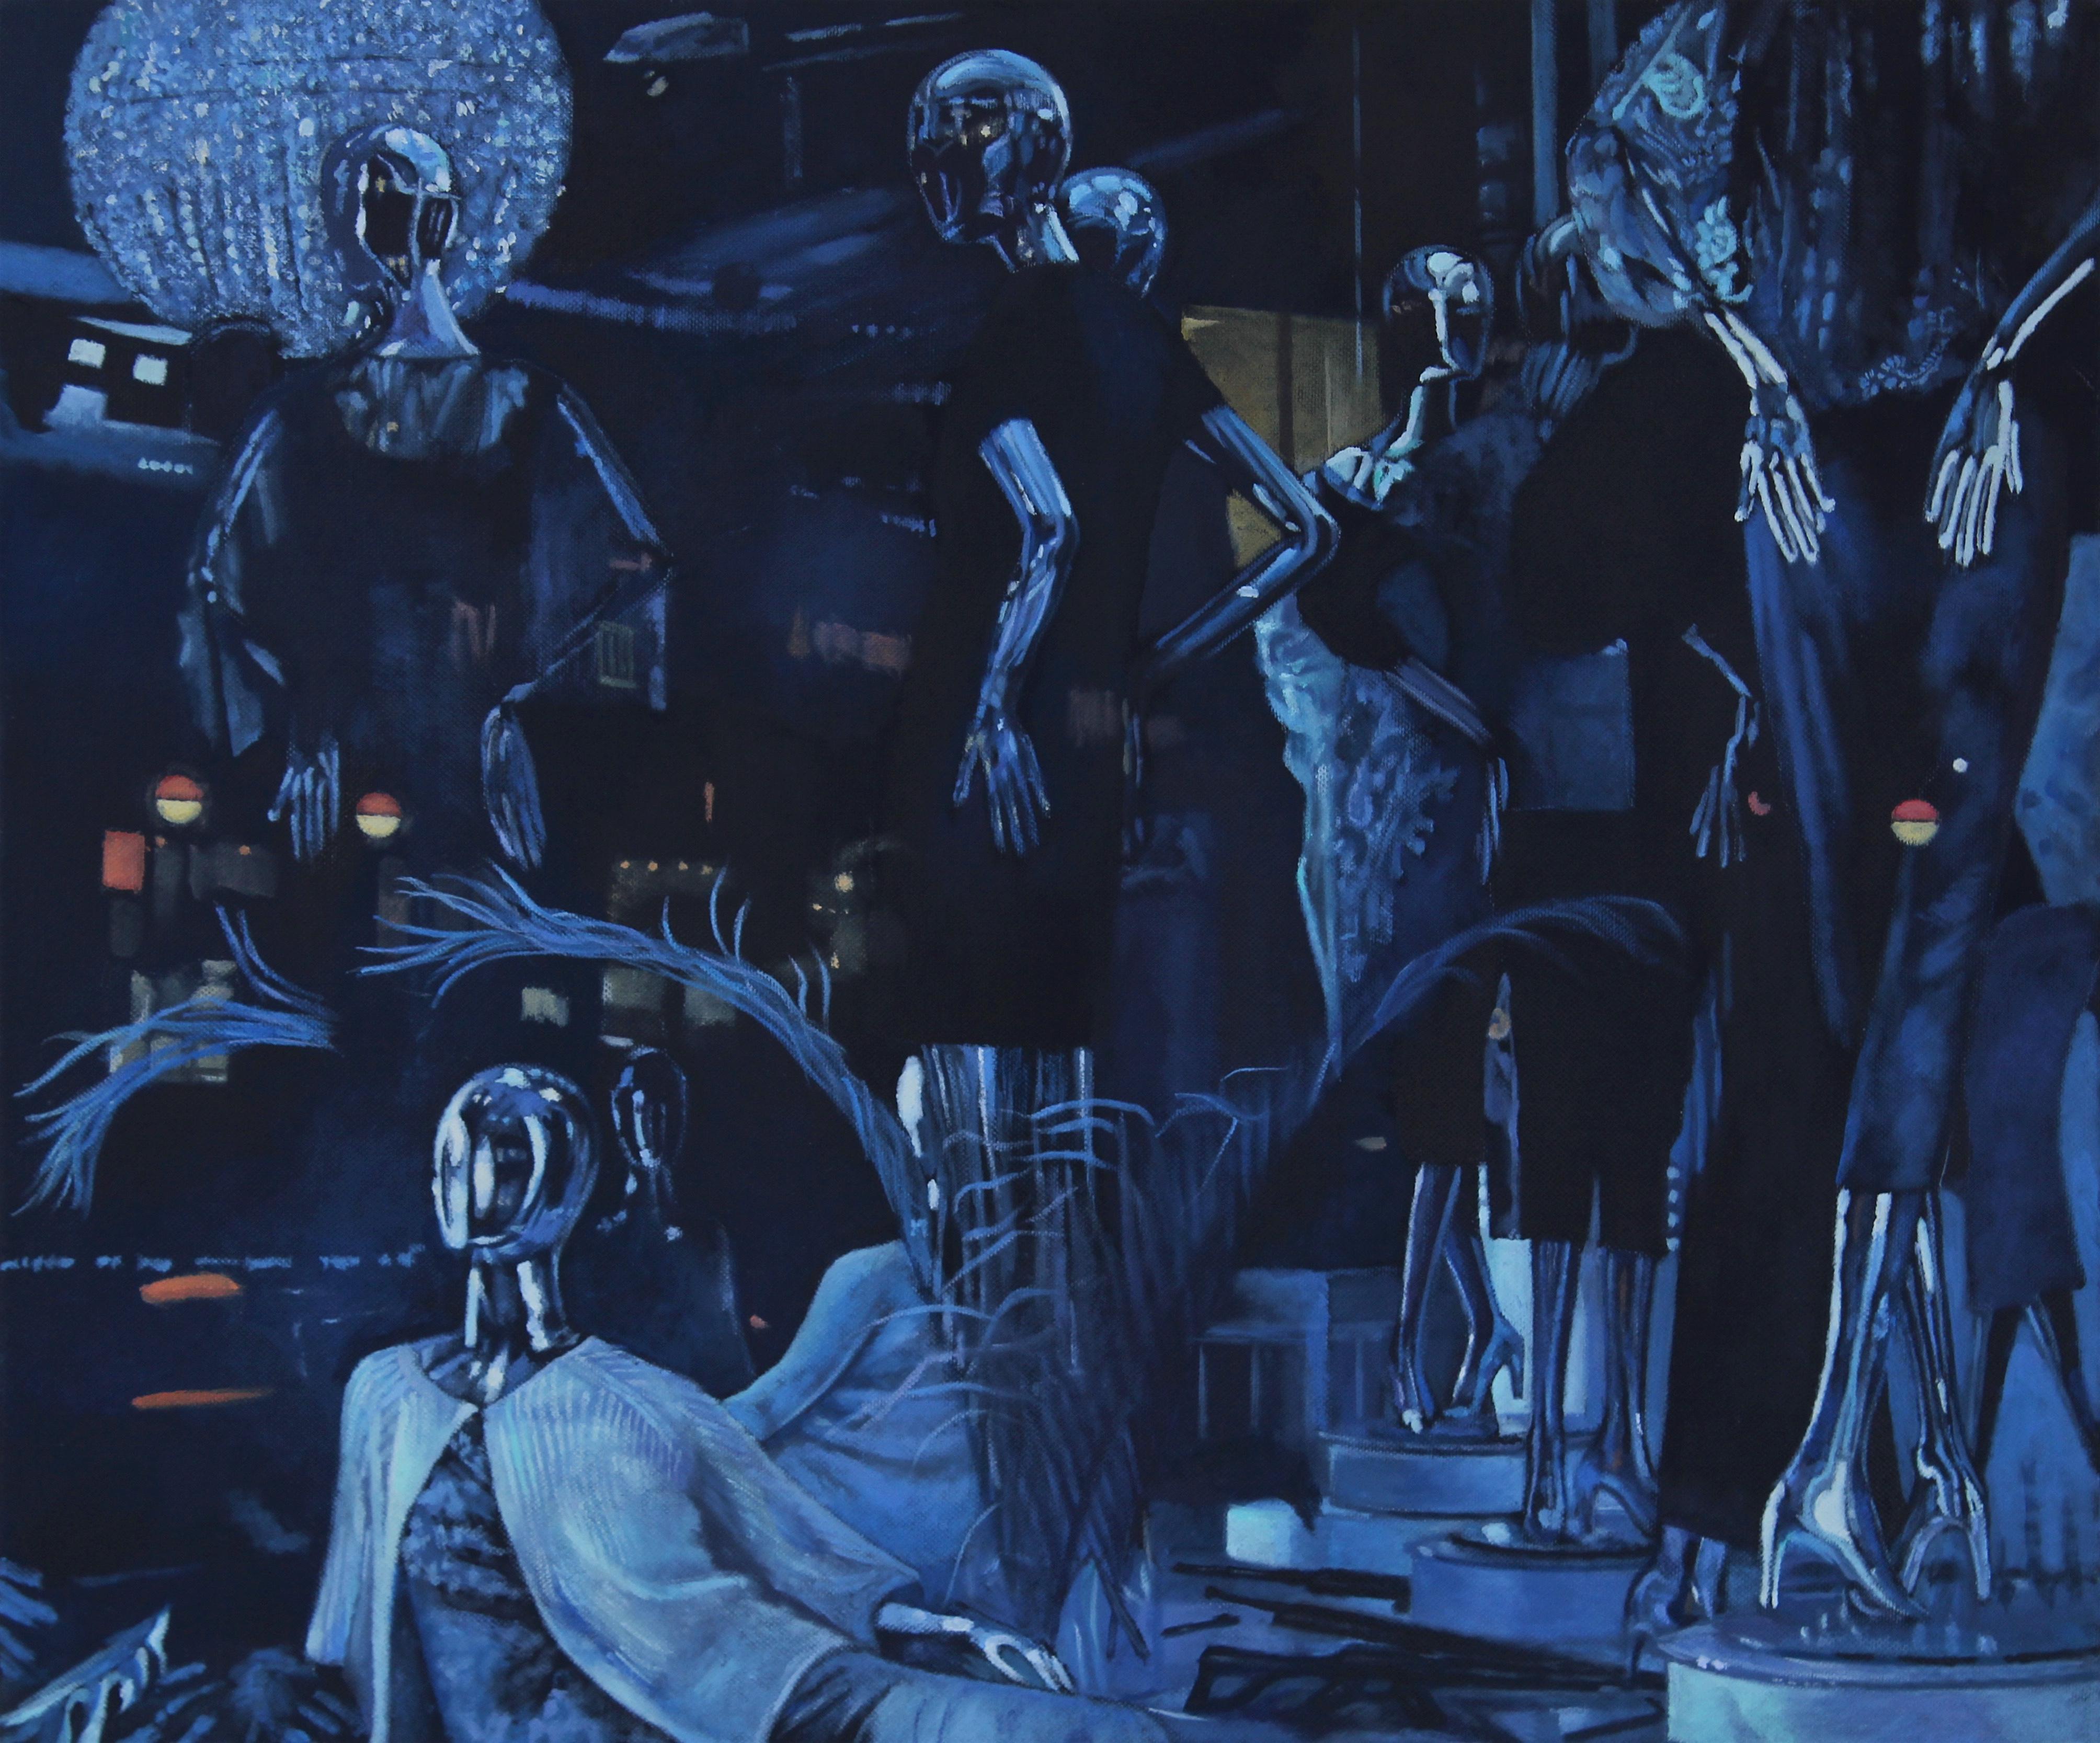 World of Sacredness - original abstract blue figures human artwork contemporary